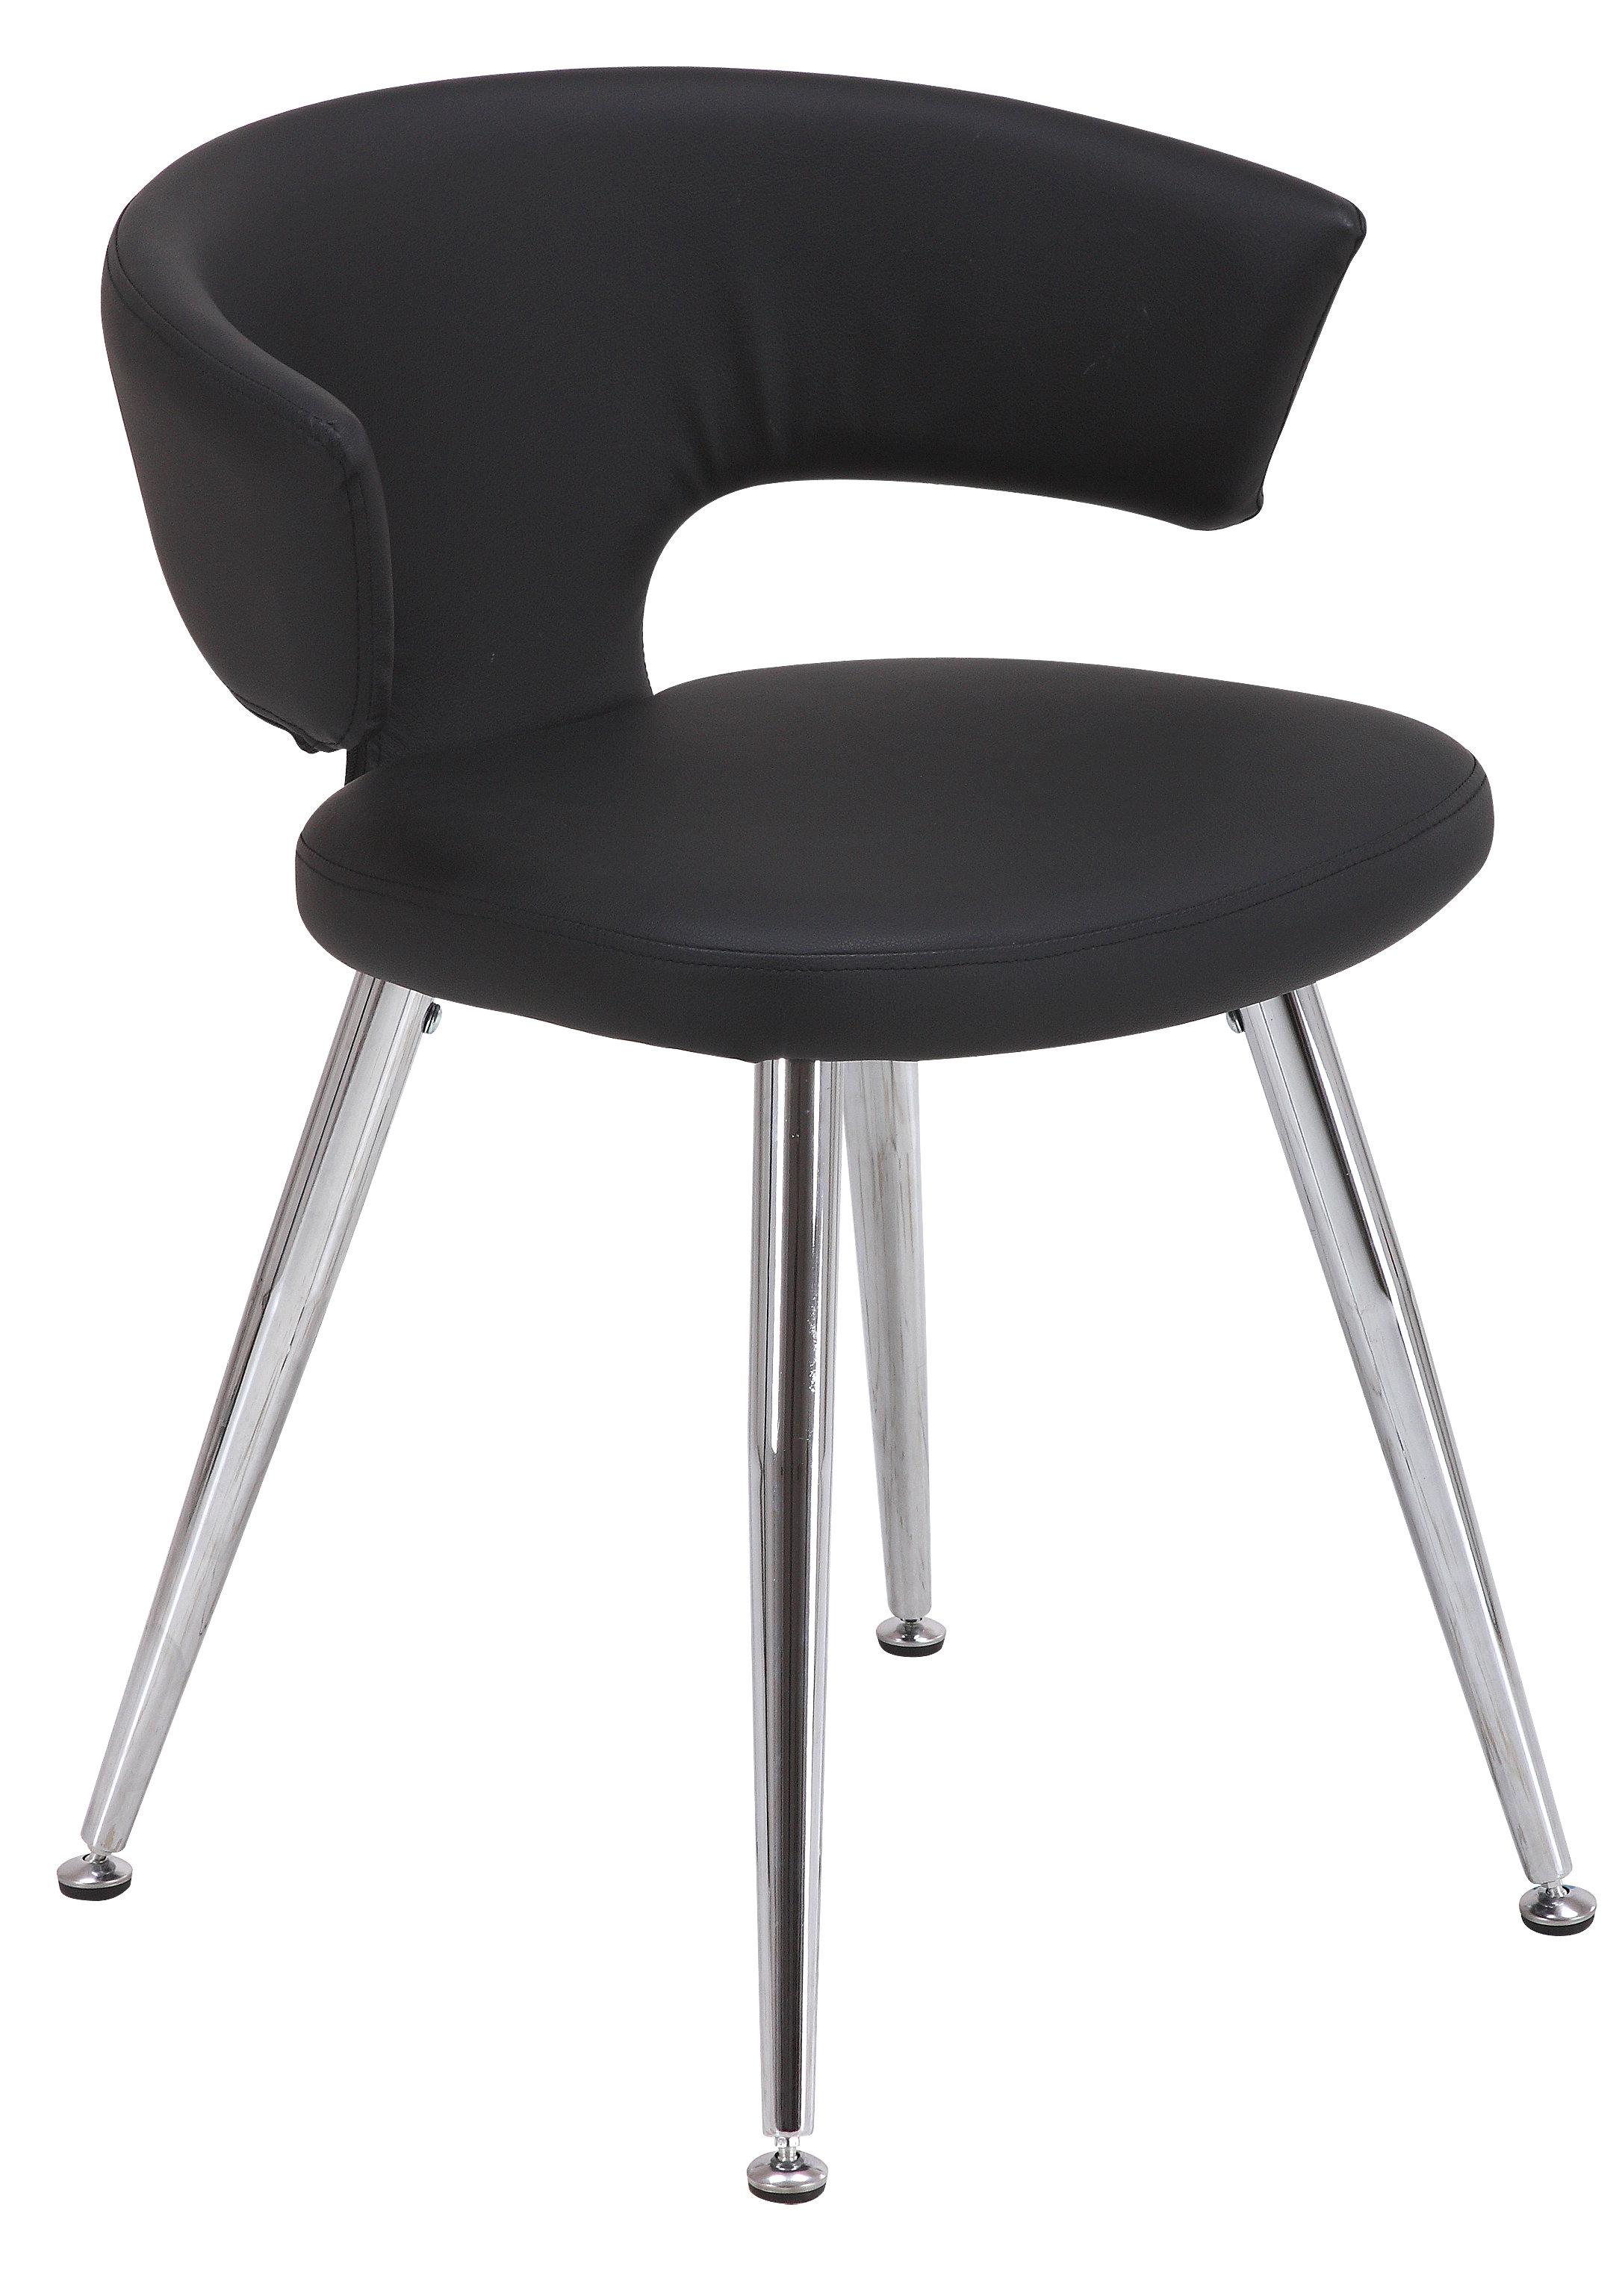 Orren ellis turrini contemporary upholstered dining chair wayfair